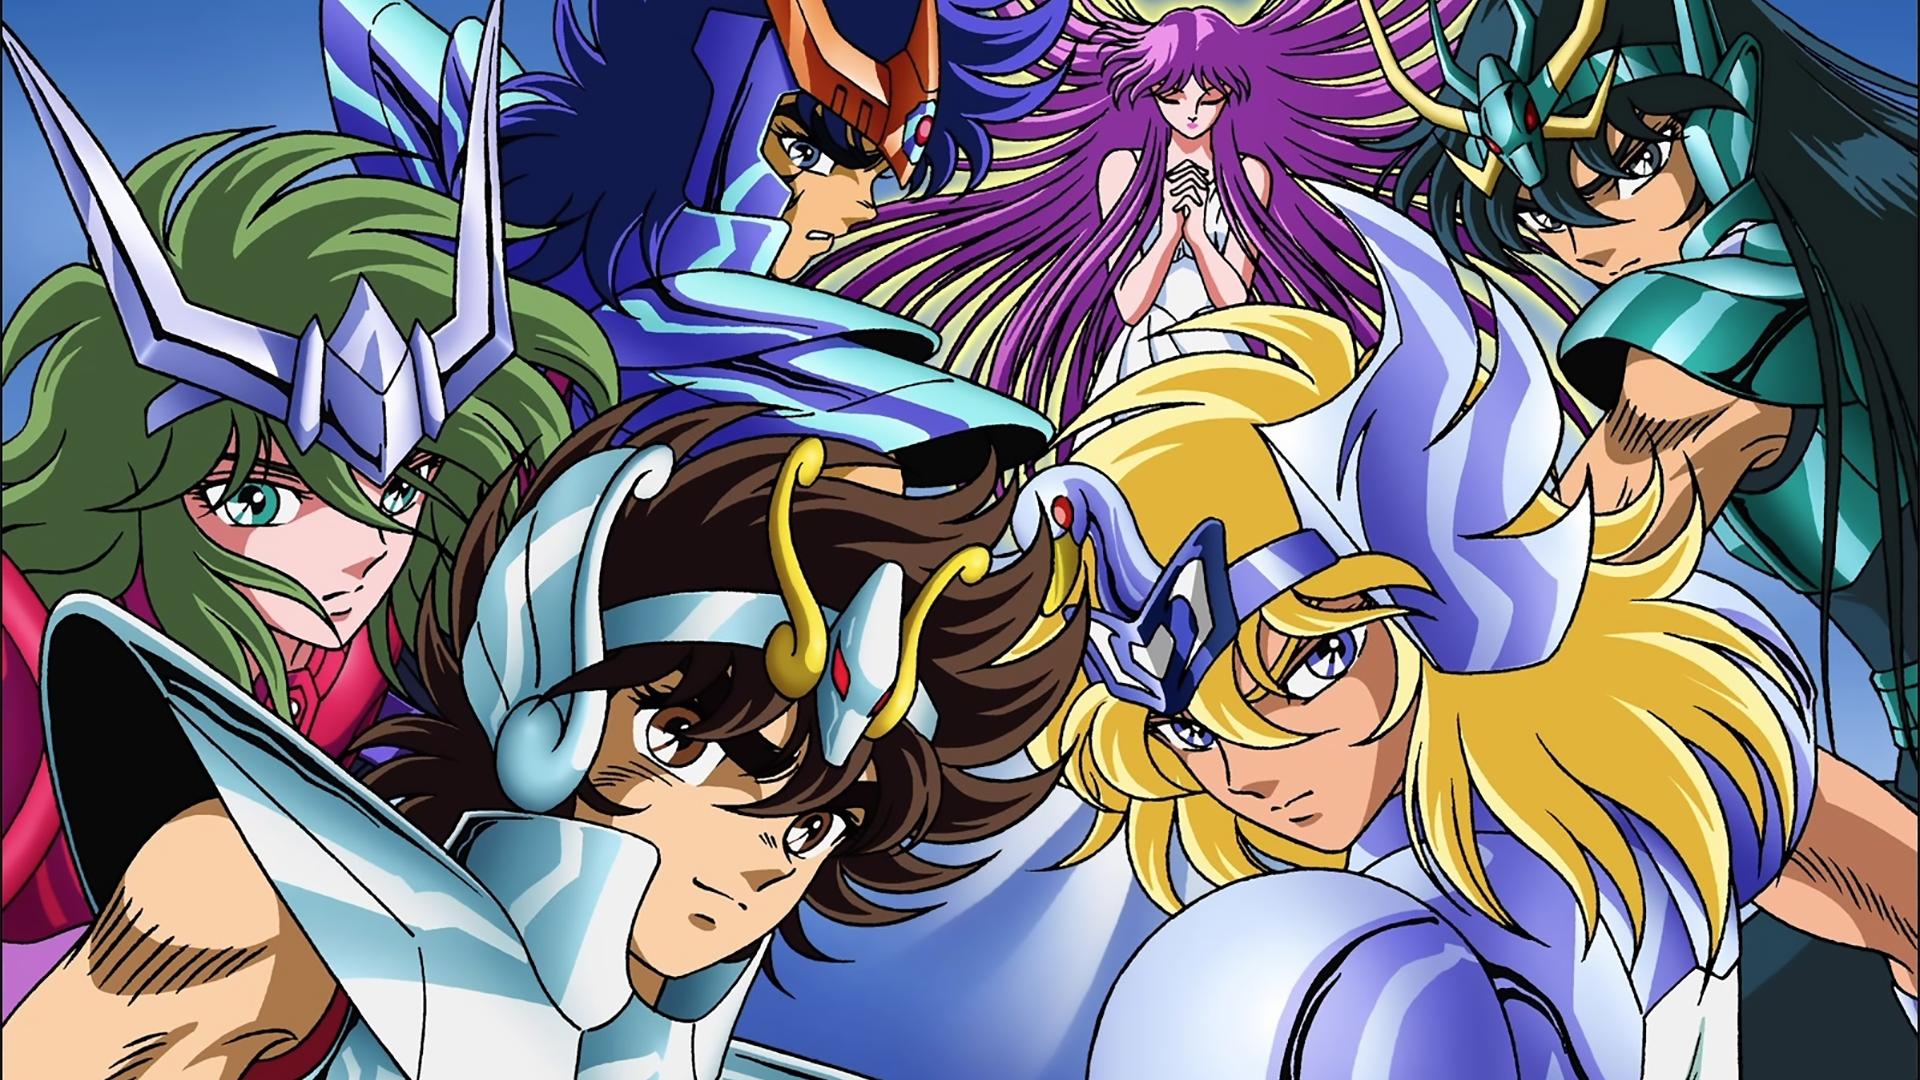 Fondos de pantalla de los caballeros del zodiaco for Imagenes anime hd full